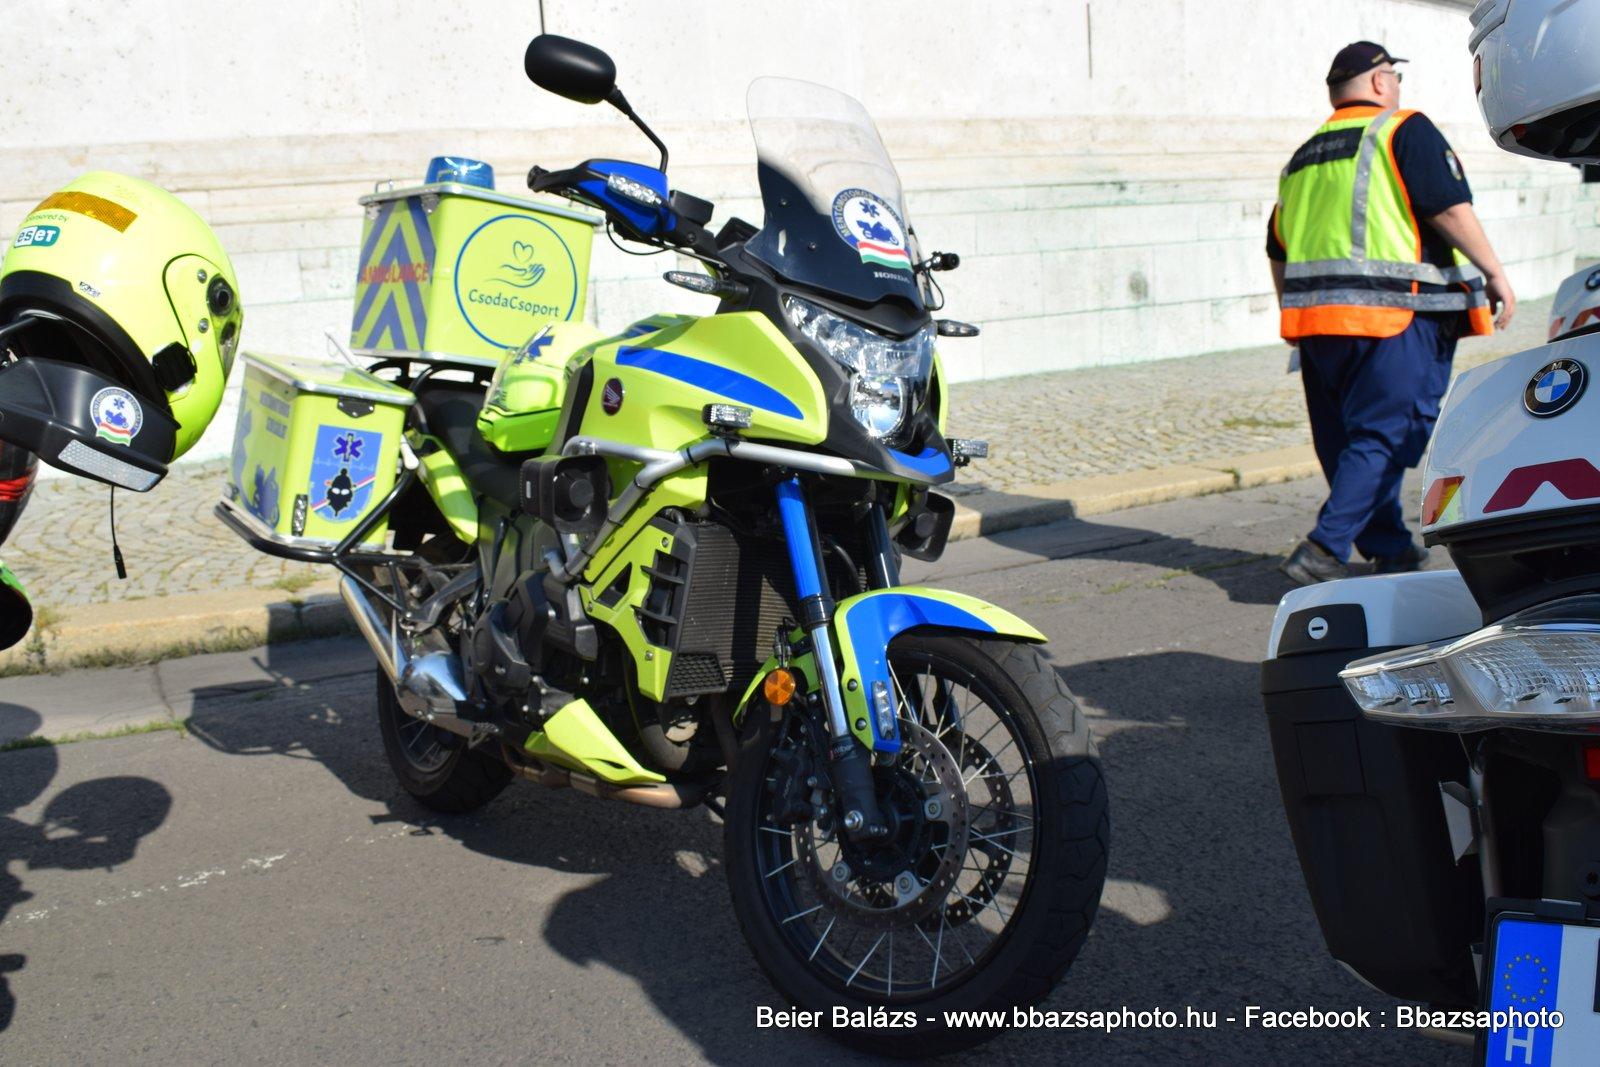 Honda Crosstourer 1200 DCT (zöld) Mentőmotor Alapítvány